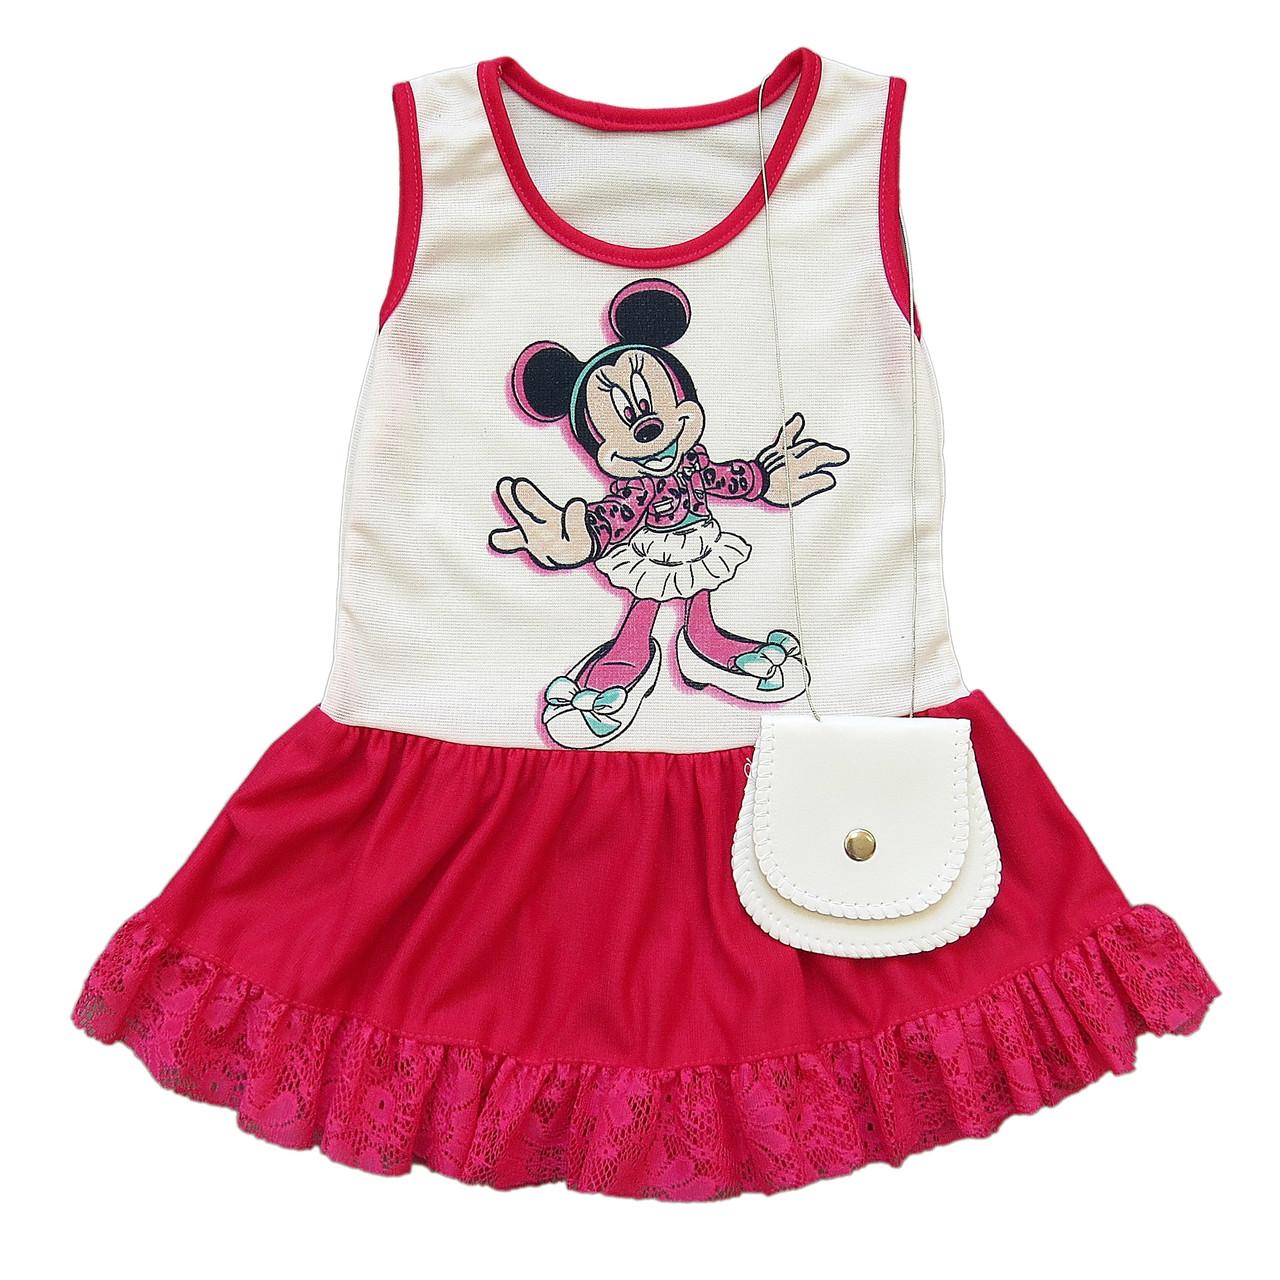 Летнее платье Minnie Mouse с сумочкой для девочки. Маломерит. 1 год